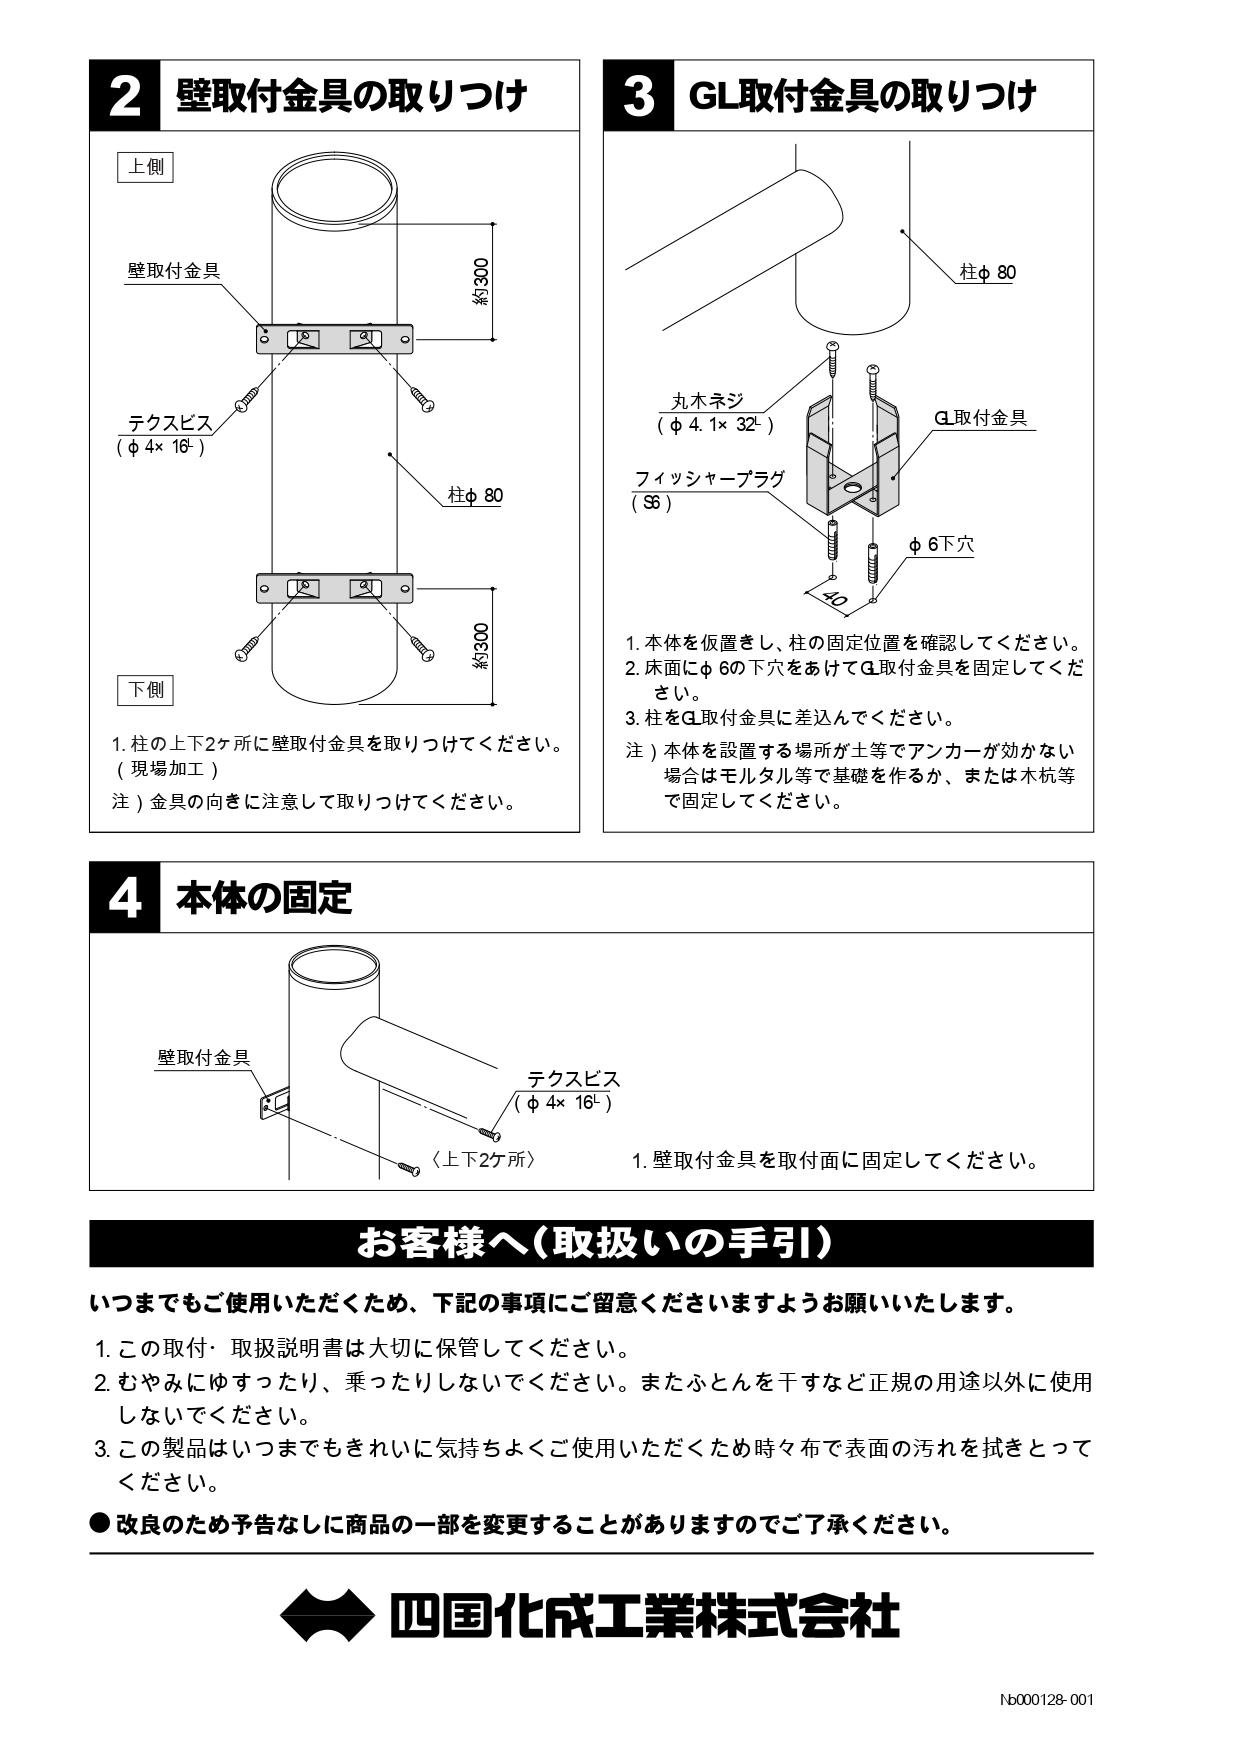 和(なごみ)袖垣 取扱説明書_page-0002